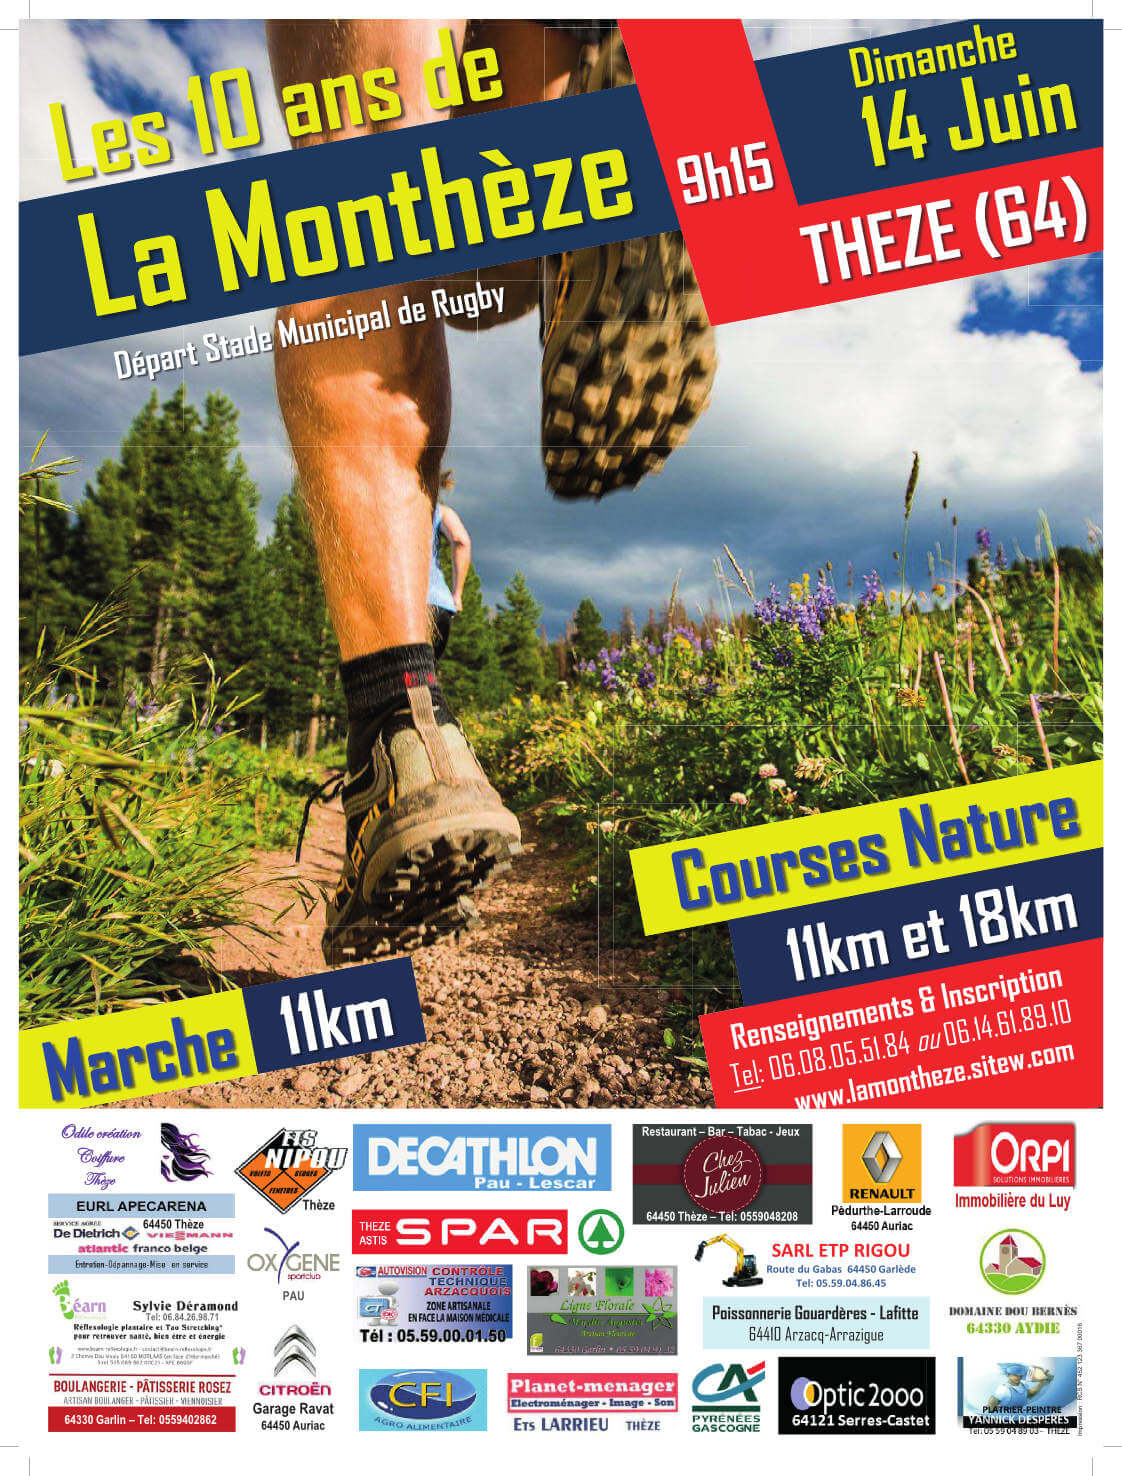 Les 10ans de la Monthèze à 9h15 le dimanche 14 Juin à Thèze (64) - Départ stade municipal de Rugby avec au programme : Courses natures de 11km et 18km et une marche de 11km. Renseignements et Inscriptions Tel : 06.08.05.51.84